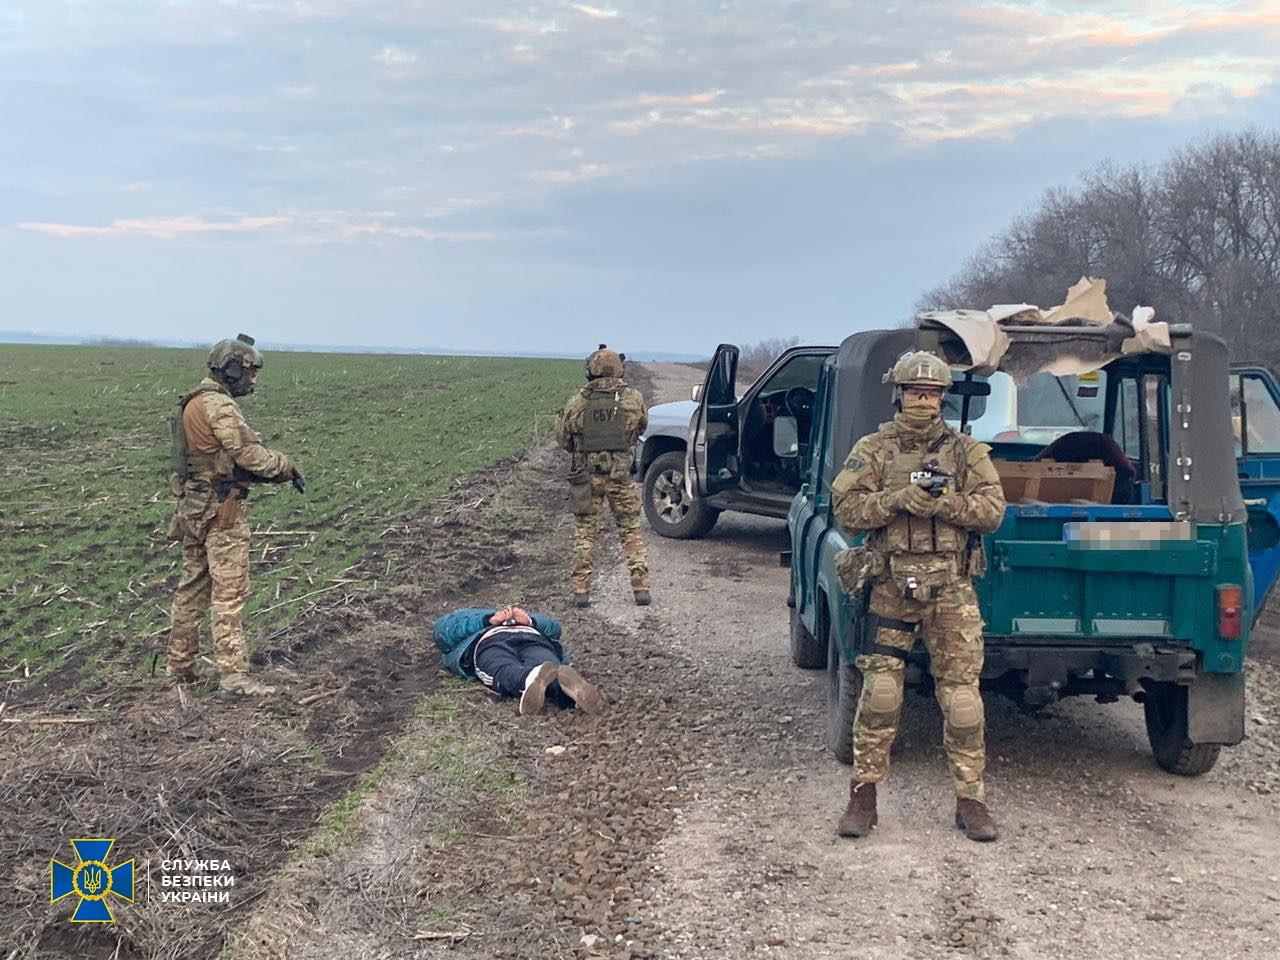 СБУ пресекла масштабную схему поставок военной продукции в РФ: видео и фото